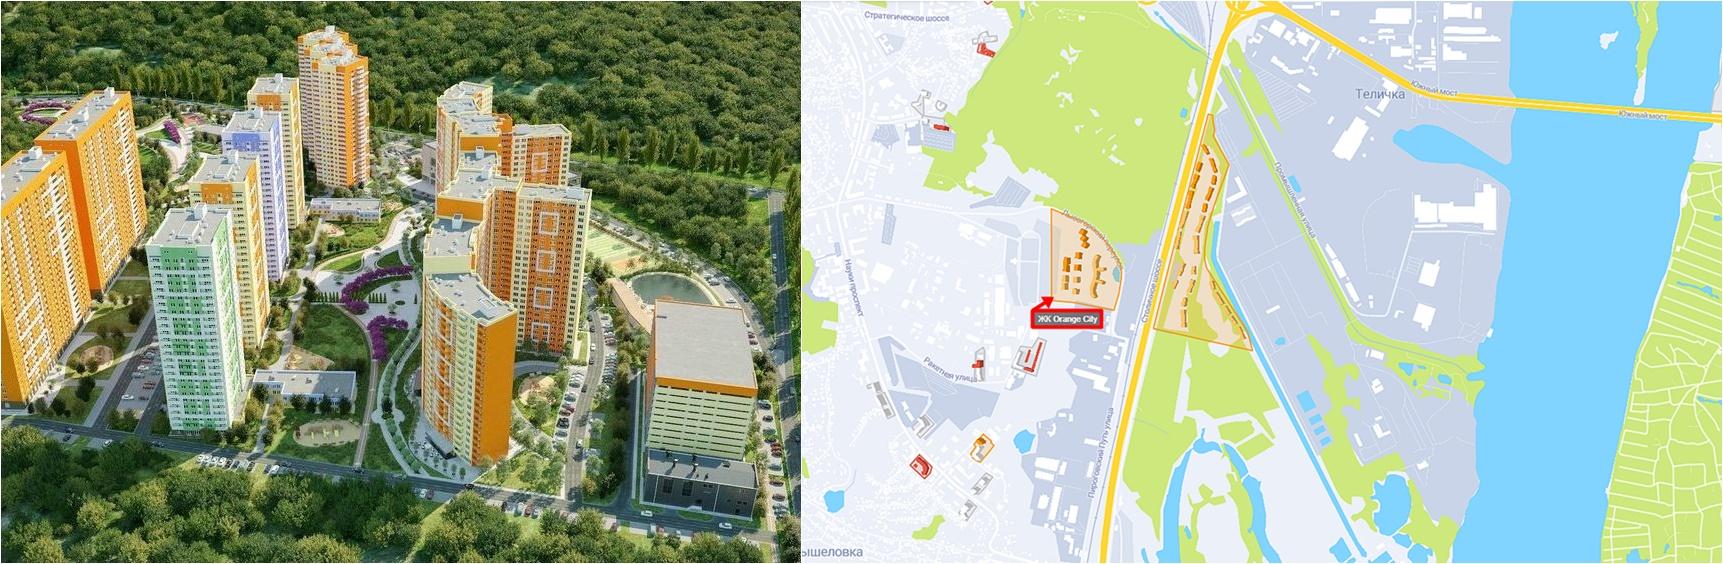 ЖК Оранж Сити визуализация и на карте